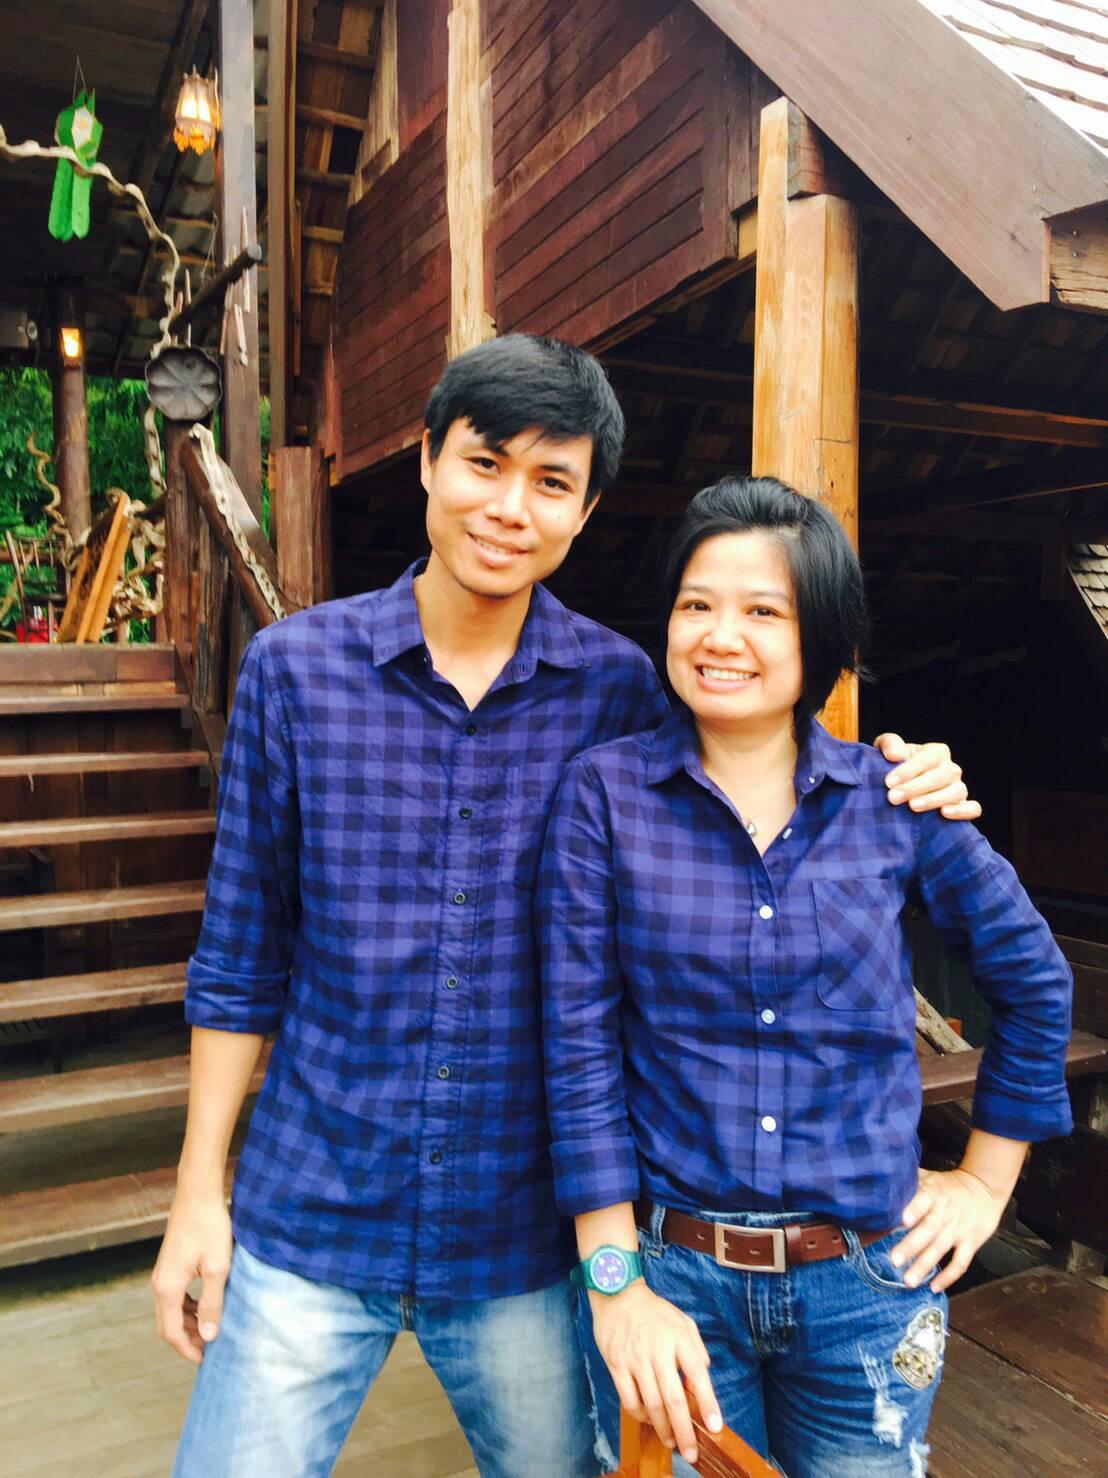 เสื้อคู่ลายสก๊อตสีน้ำเงิน